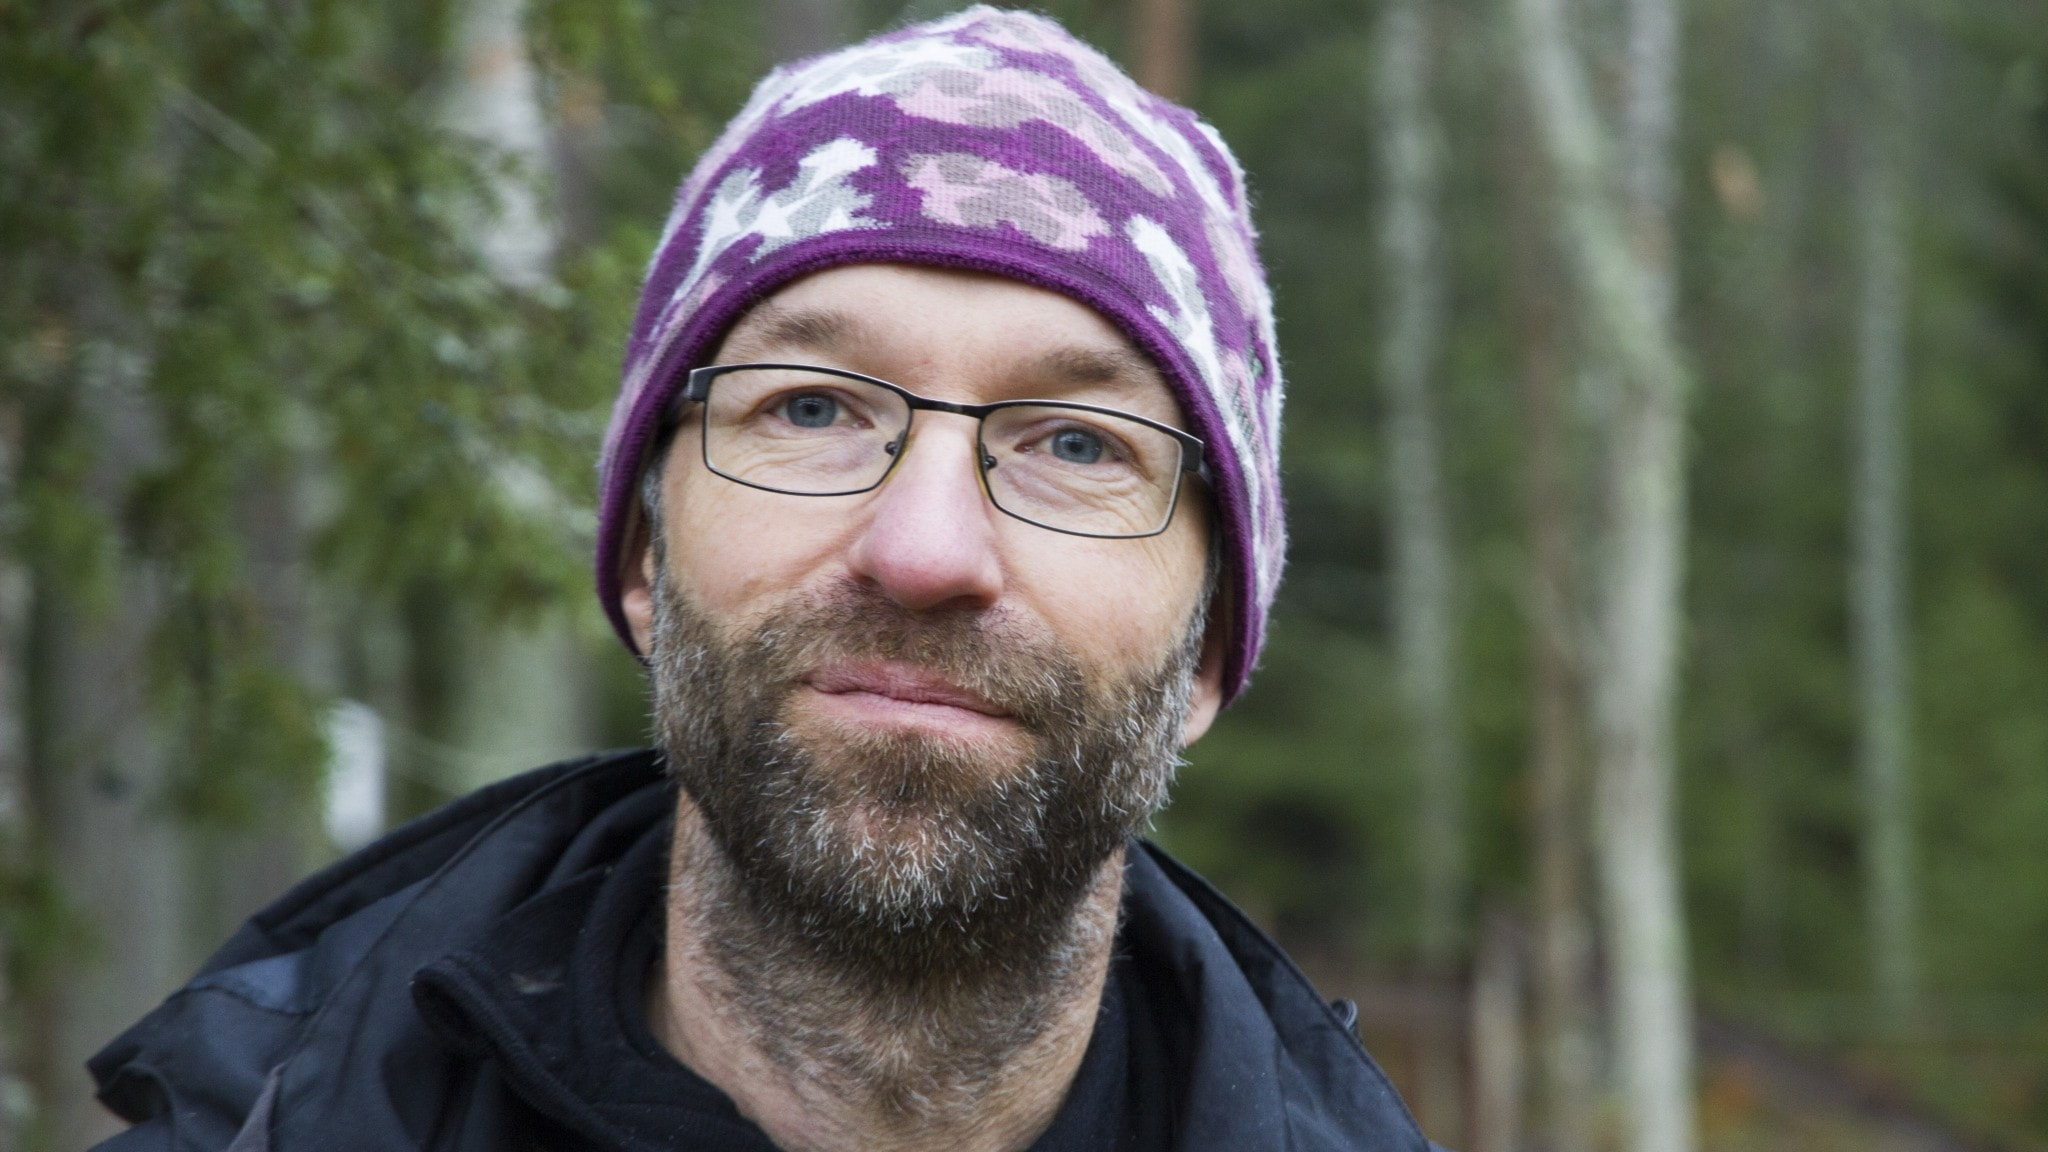 En porträttbild av en skäggig man i glasögon och stickad mössa